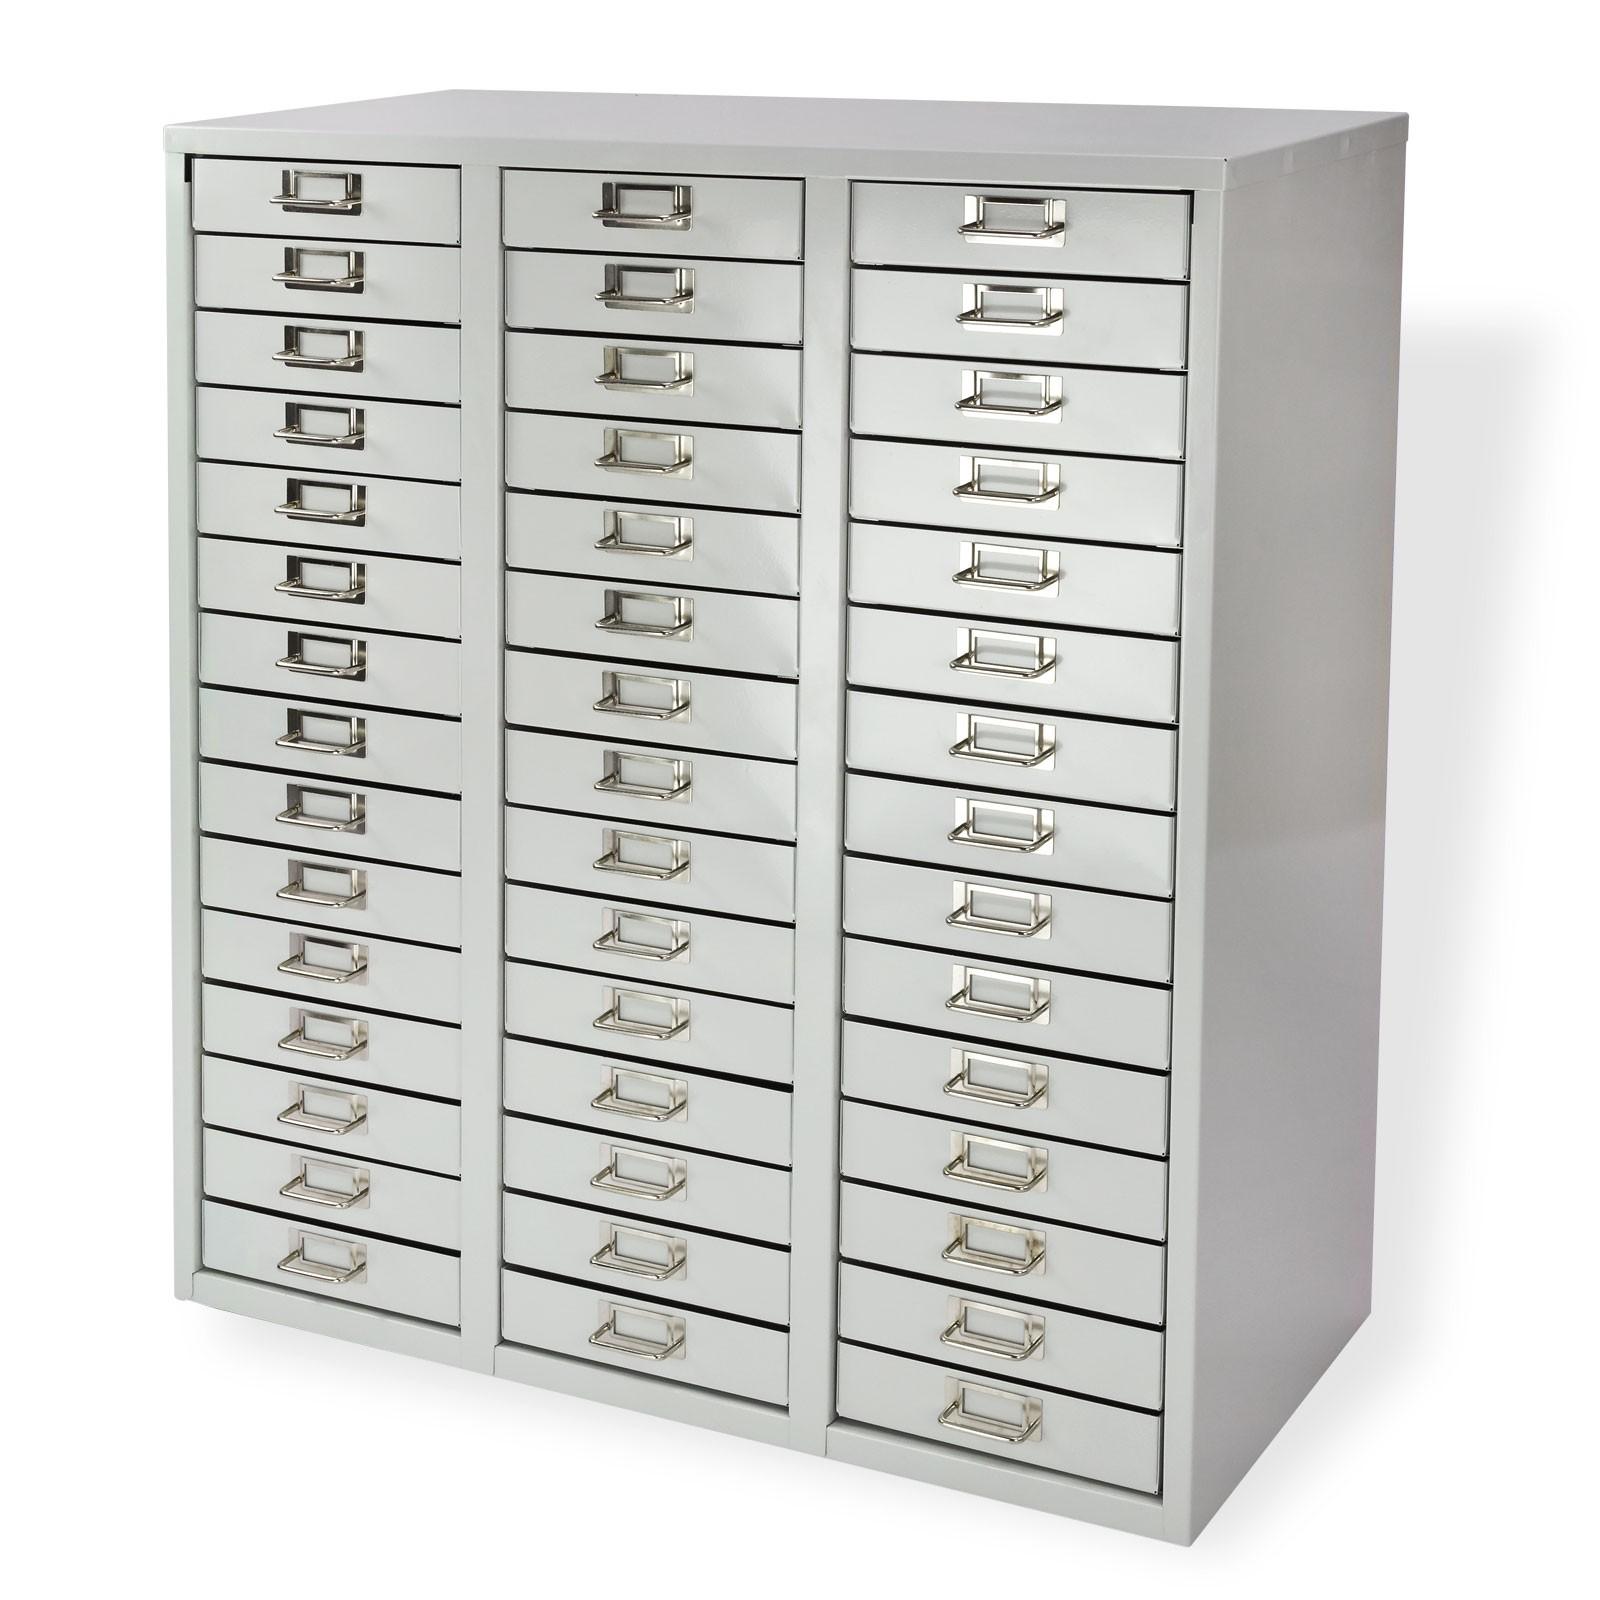 adb schubladenschrank schubladencontainer h860xb790xt400. Black Bedroom Furniture Sets. Home Design Ideas